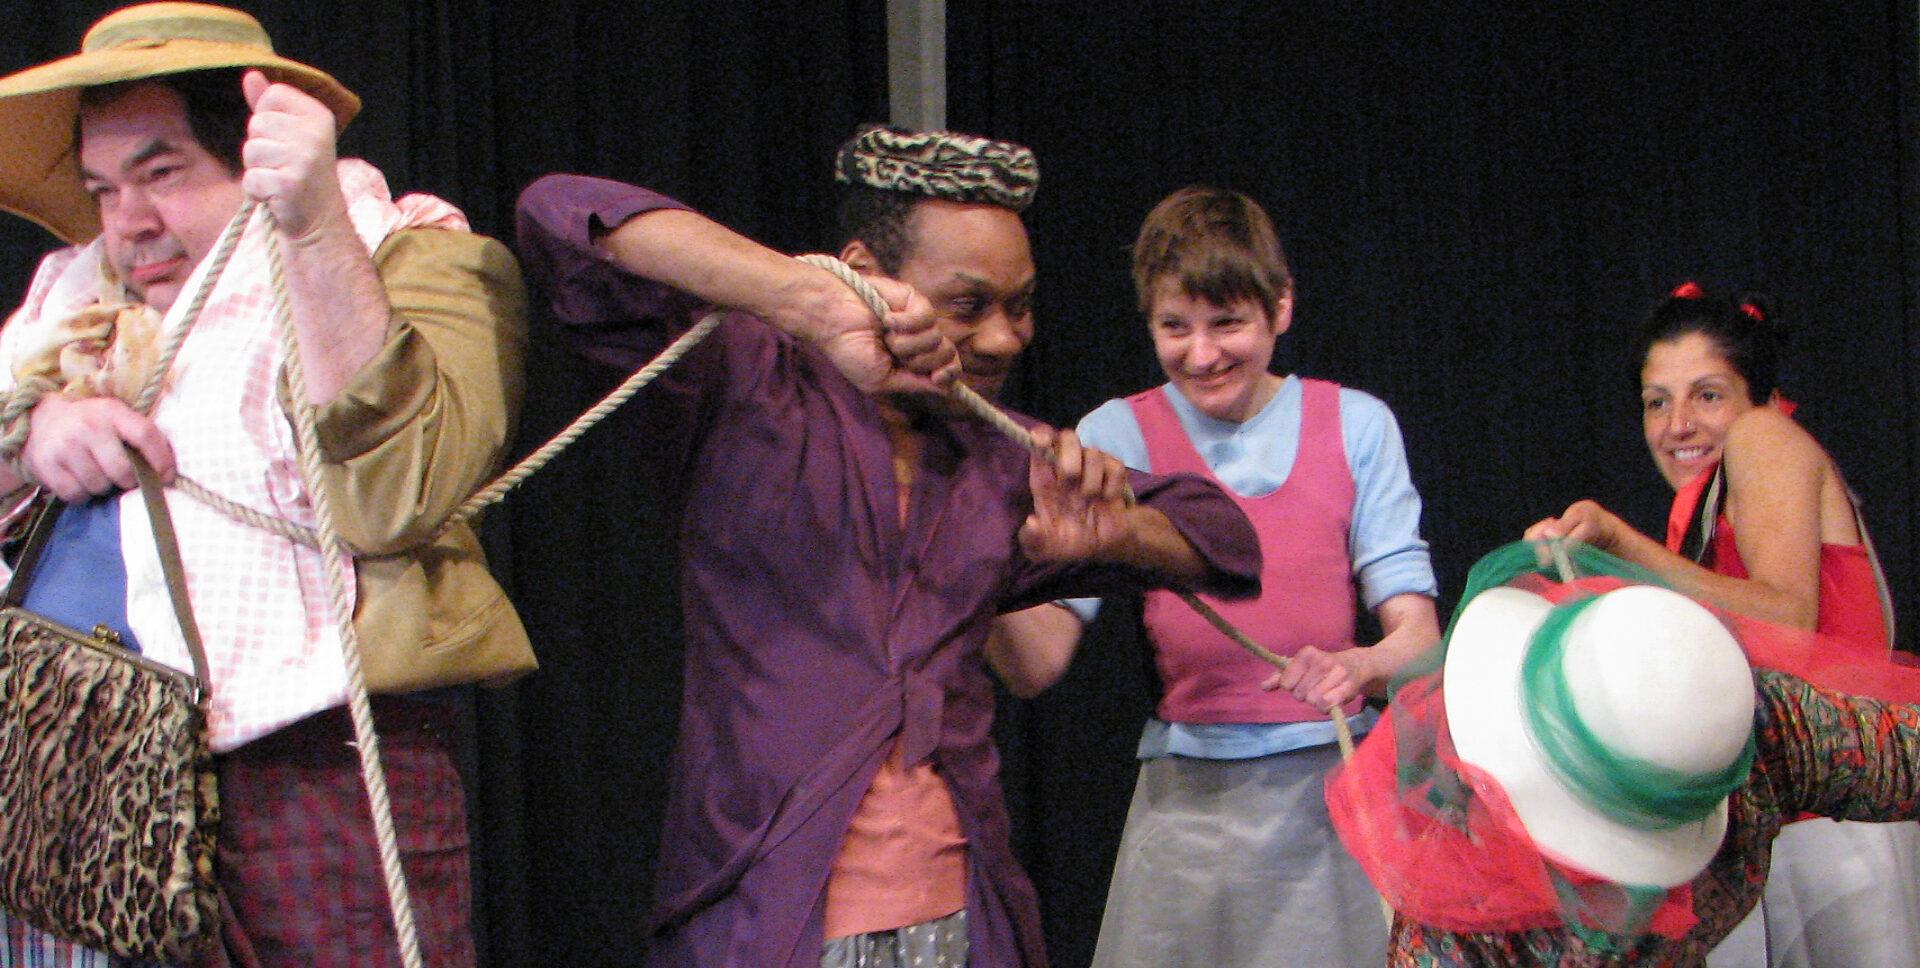 Szenenfoto einer Auffuehrung: Vier Personen nebeneinander auf einer Bühne